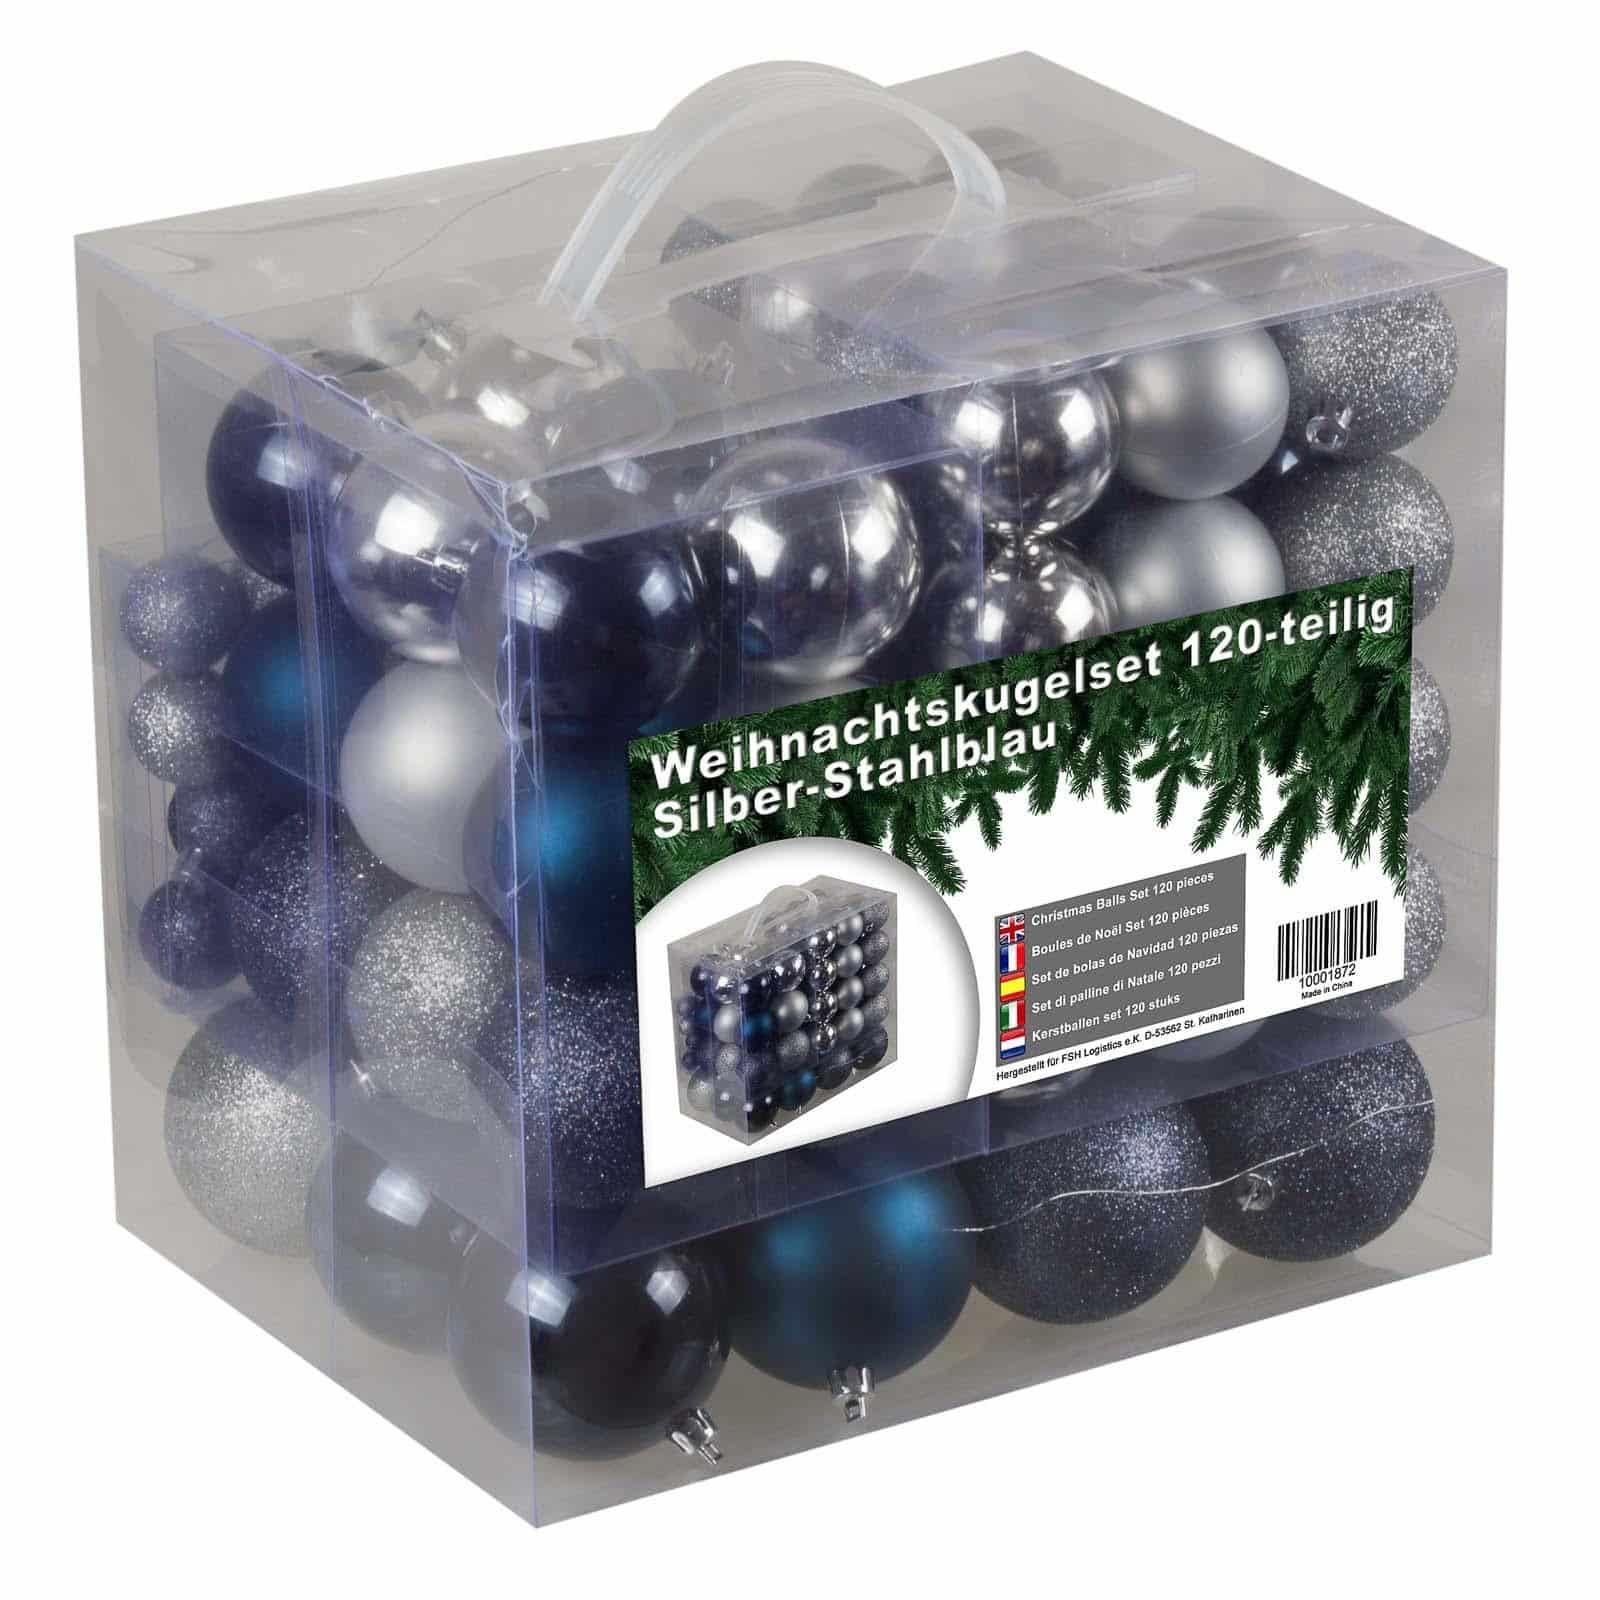 Kunststof Kerstballen set 120 ballen - binnen buiten - Zilver/Staalblauw